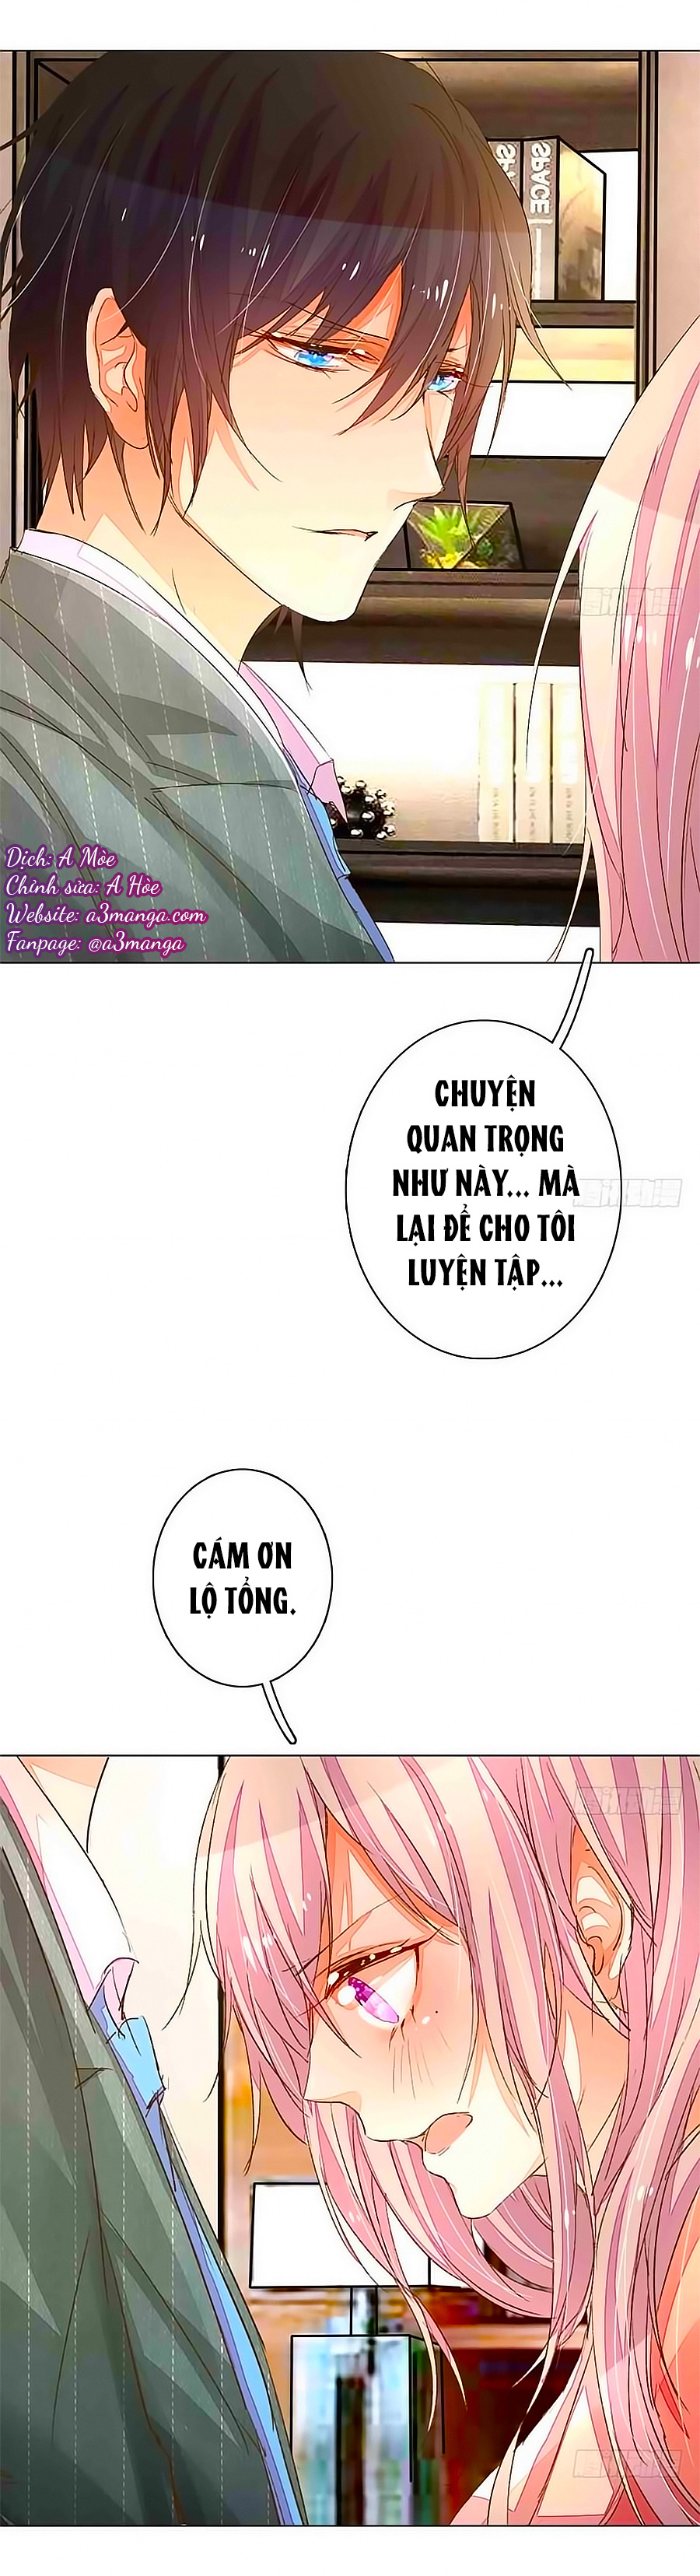 Hào Môn Tiểu Lãn Thê Chap 53 - Trang 1